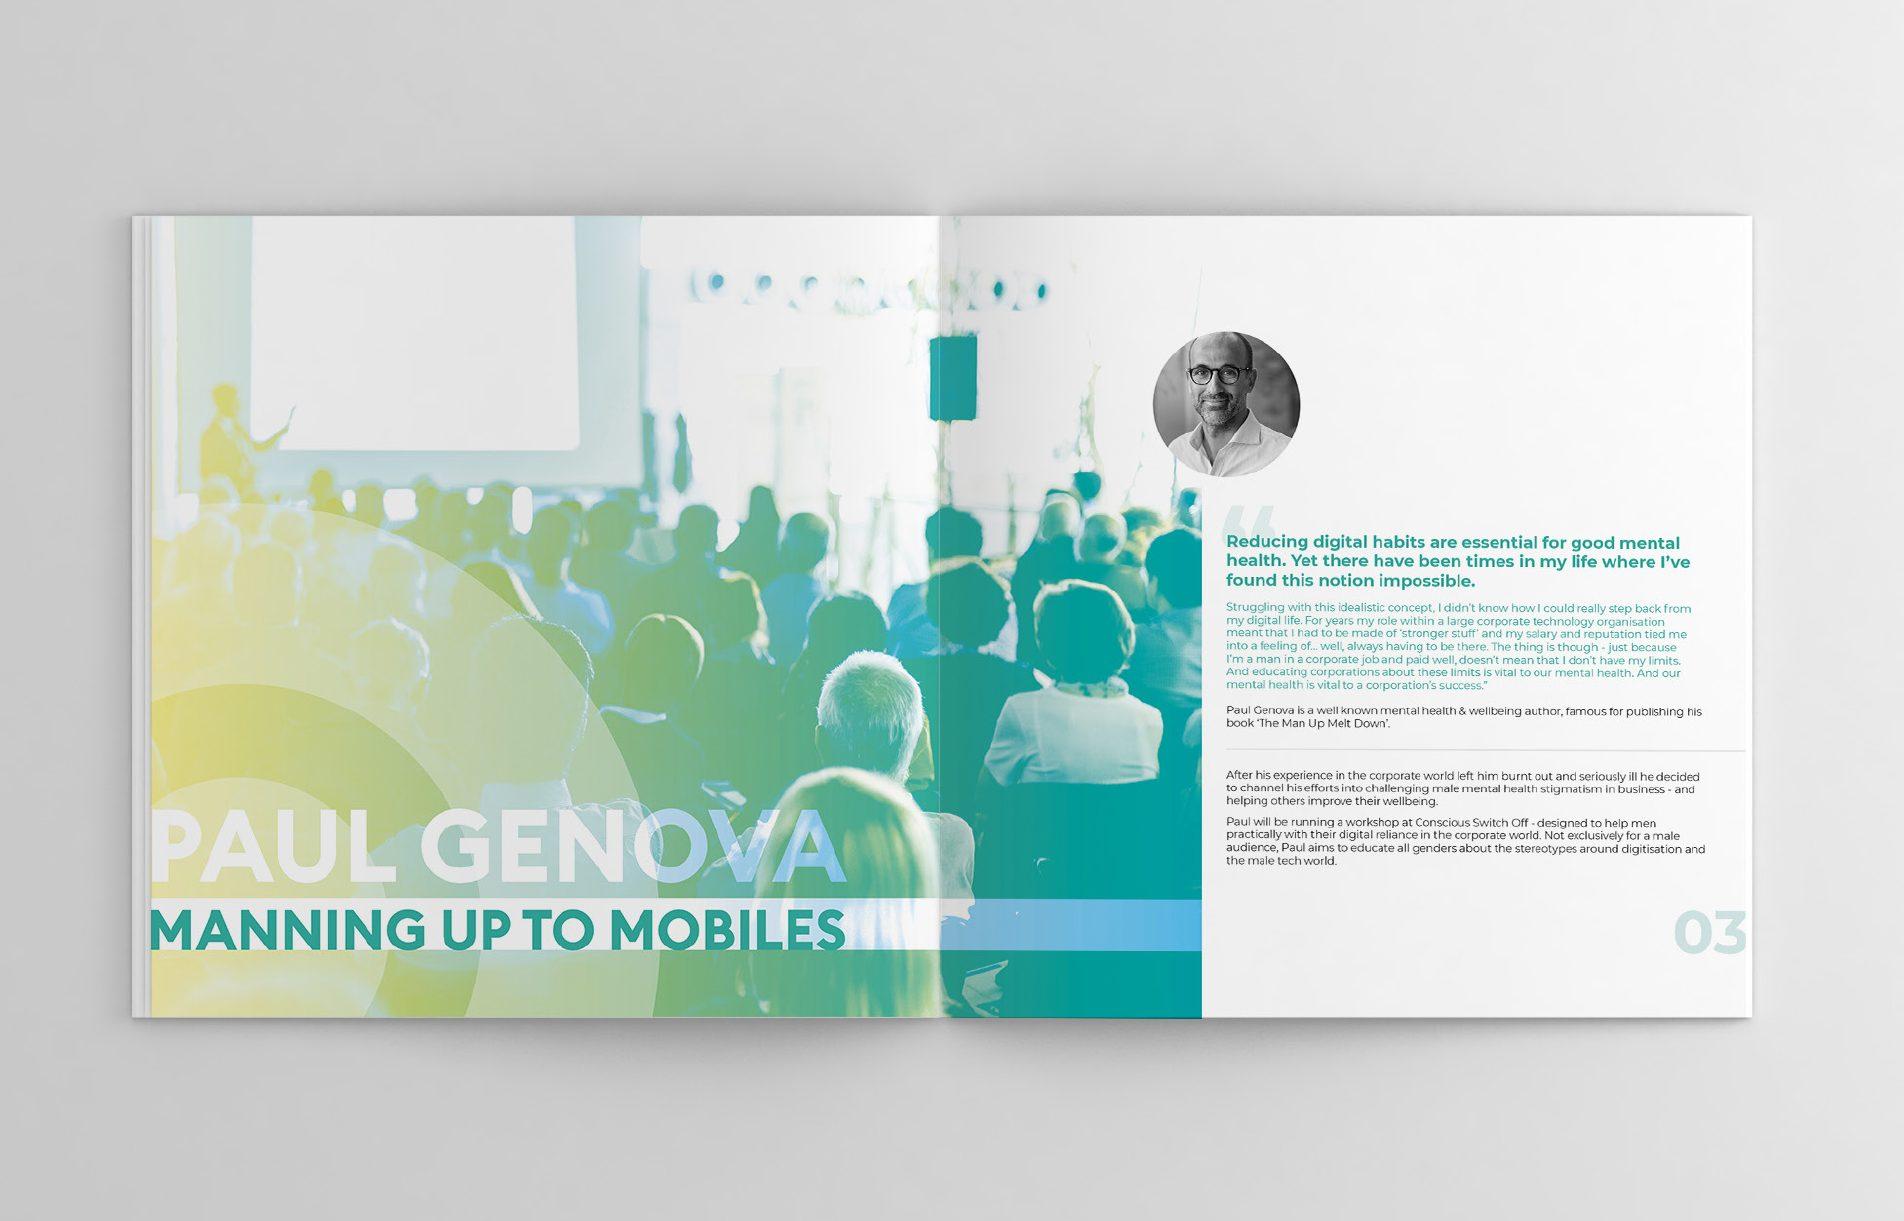 Event booklet including details of the keynote speaker